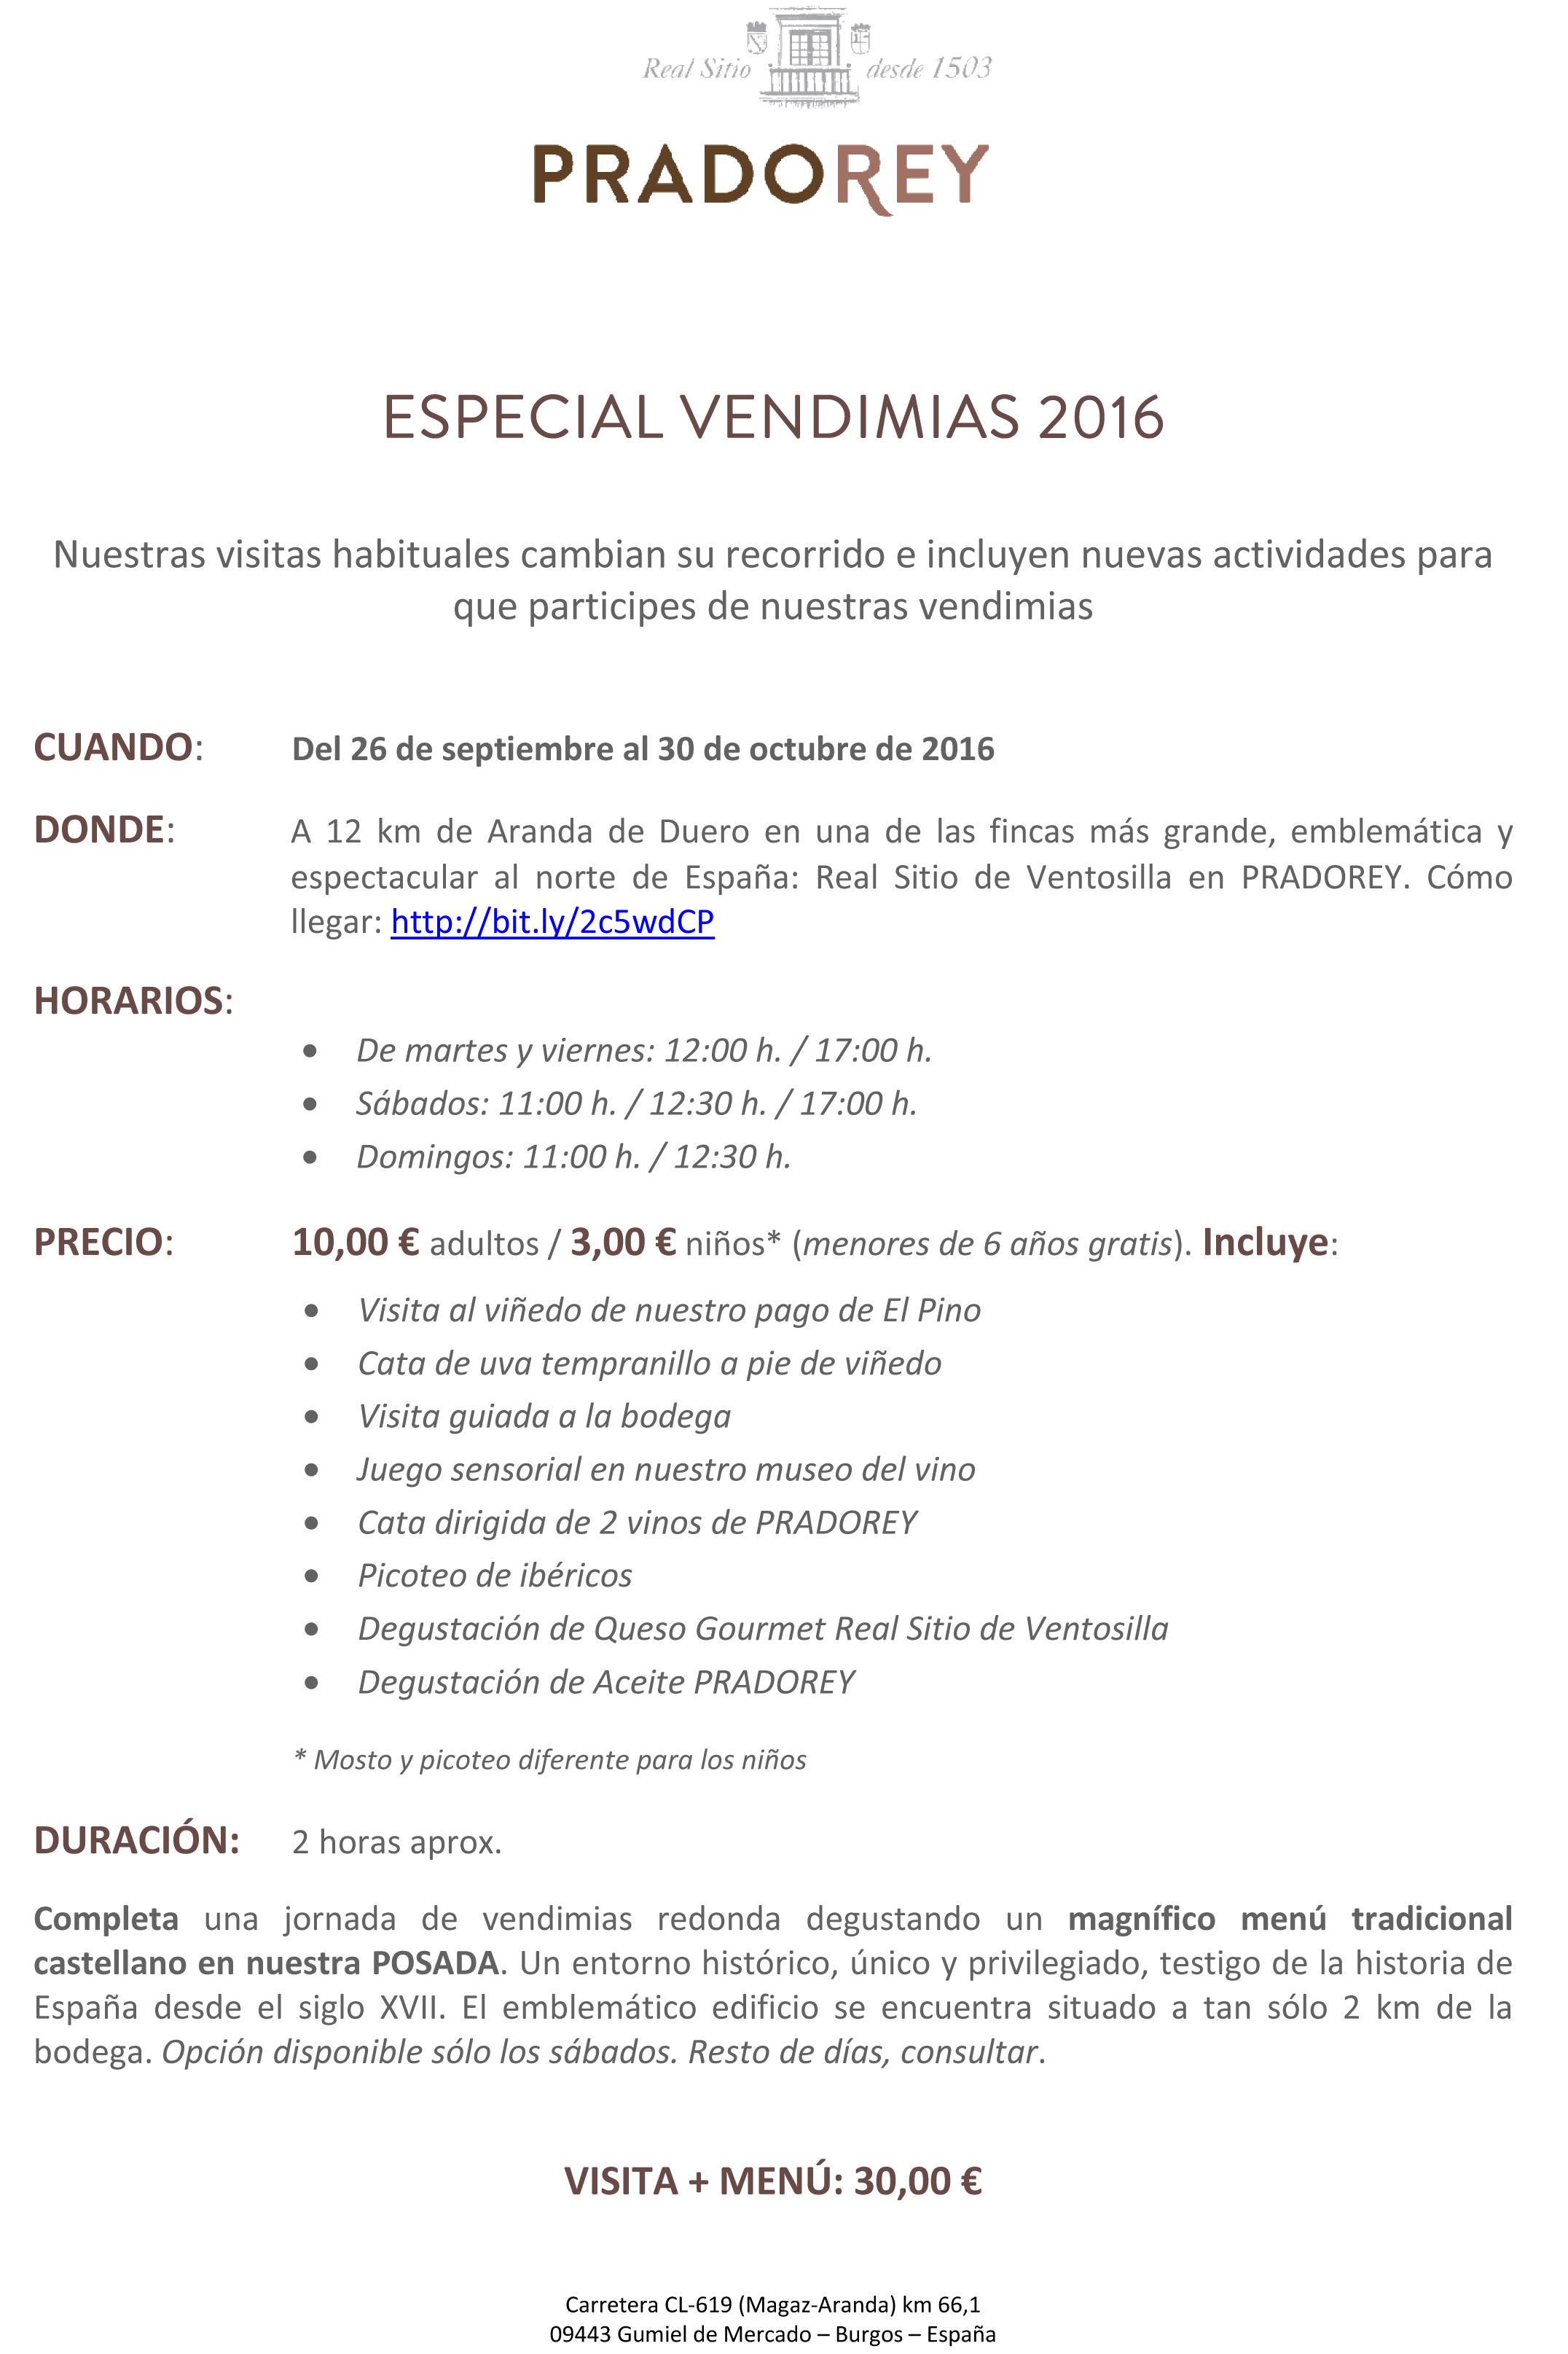 PRADOREY_Especial vendimias 2016